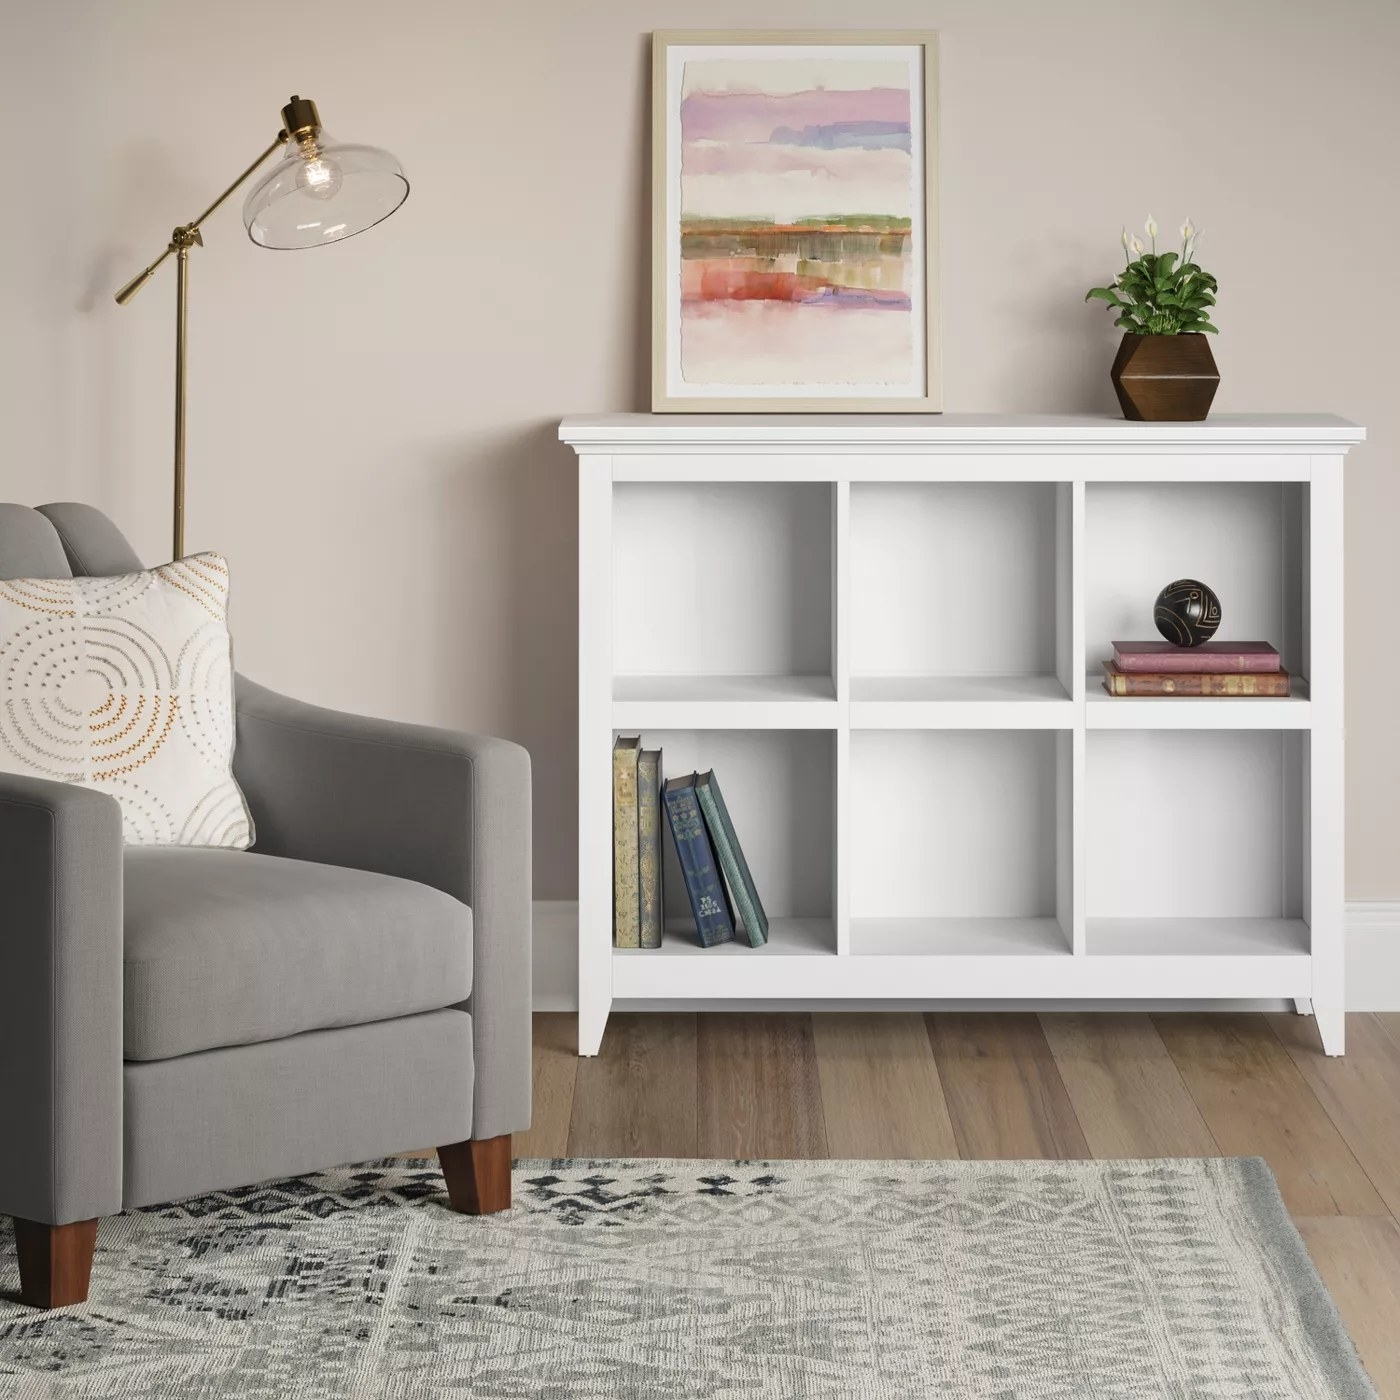 The white bookcase